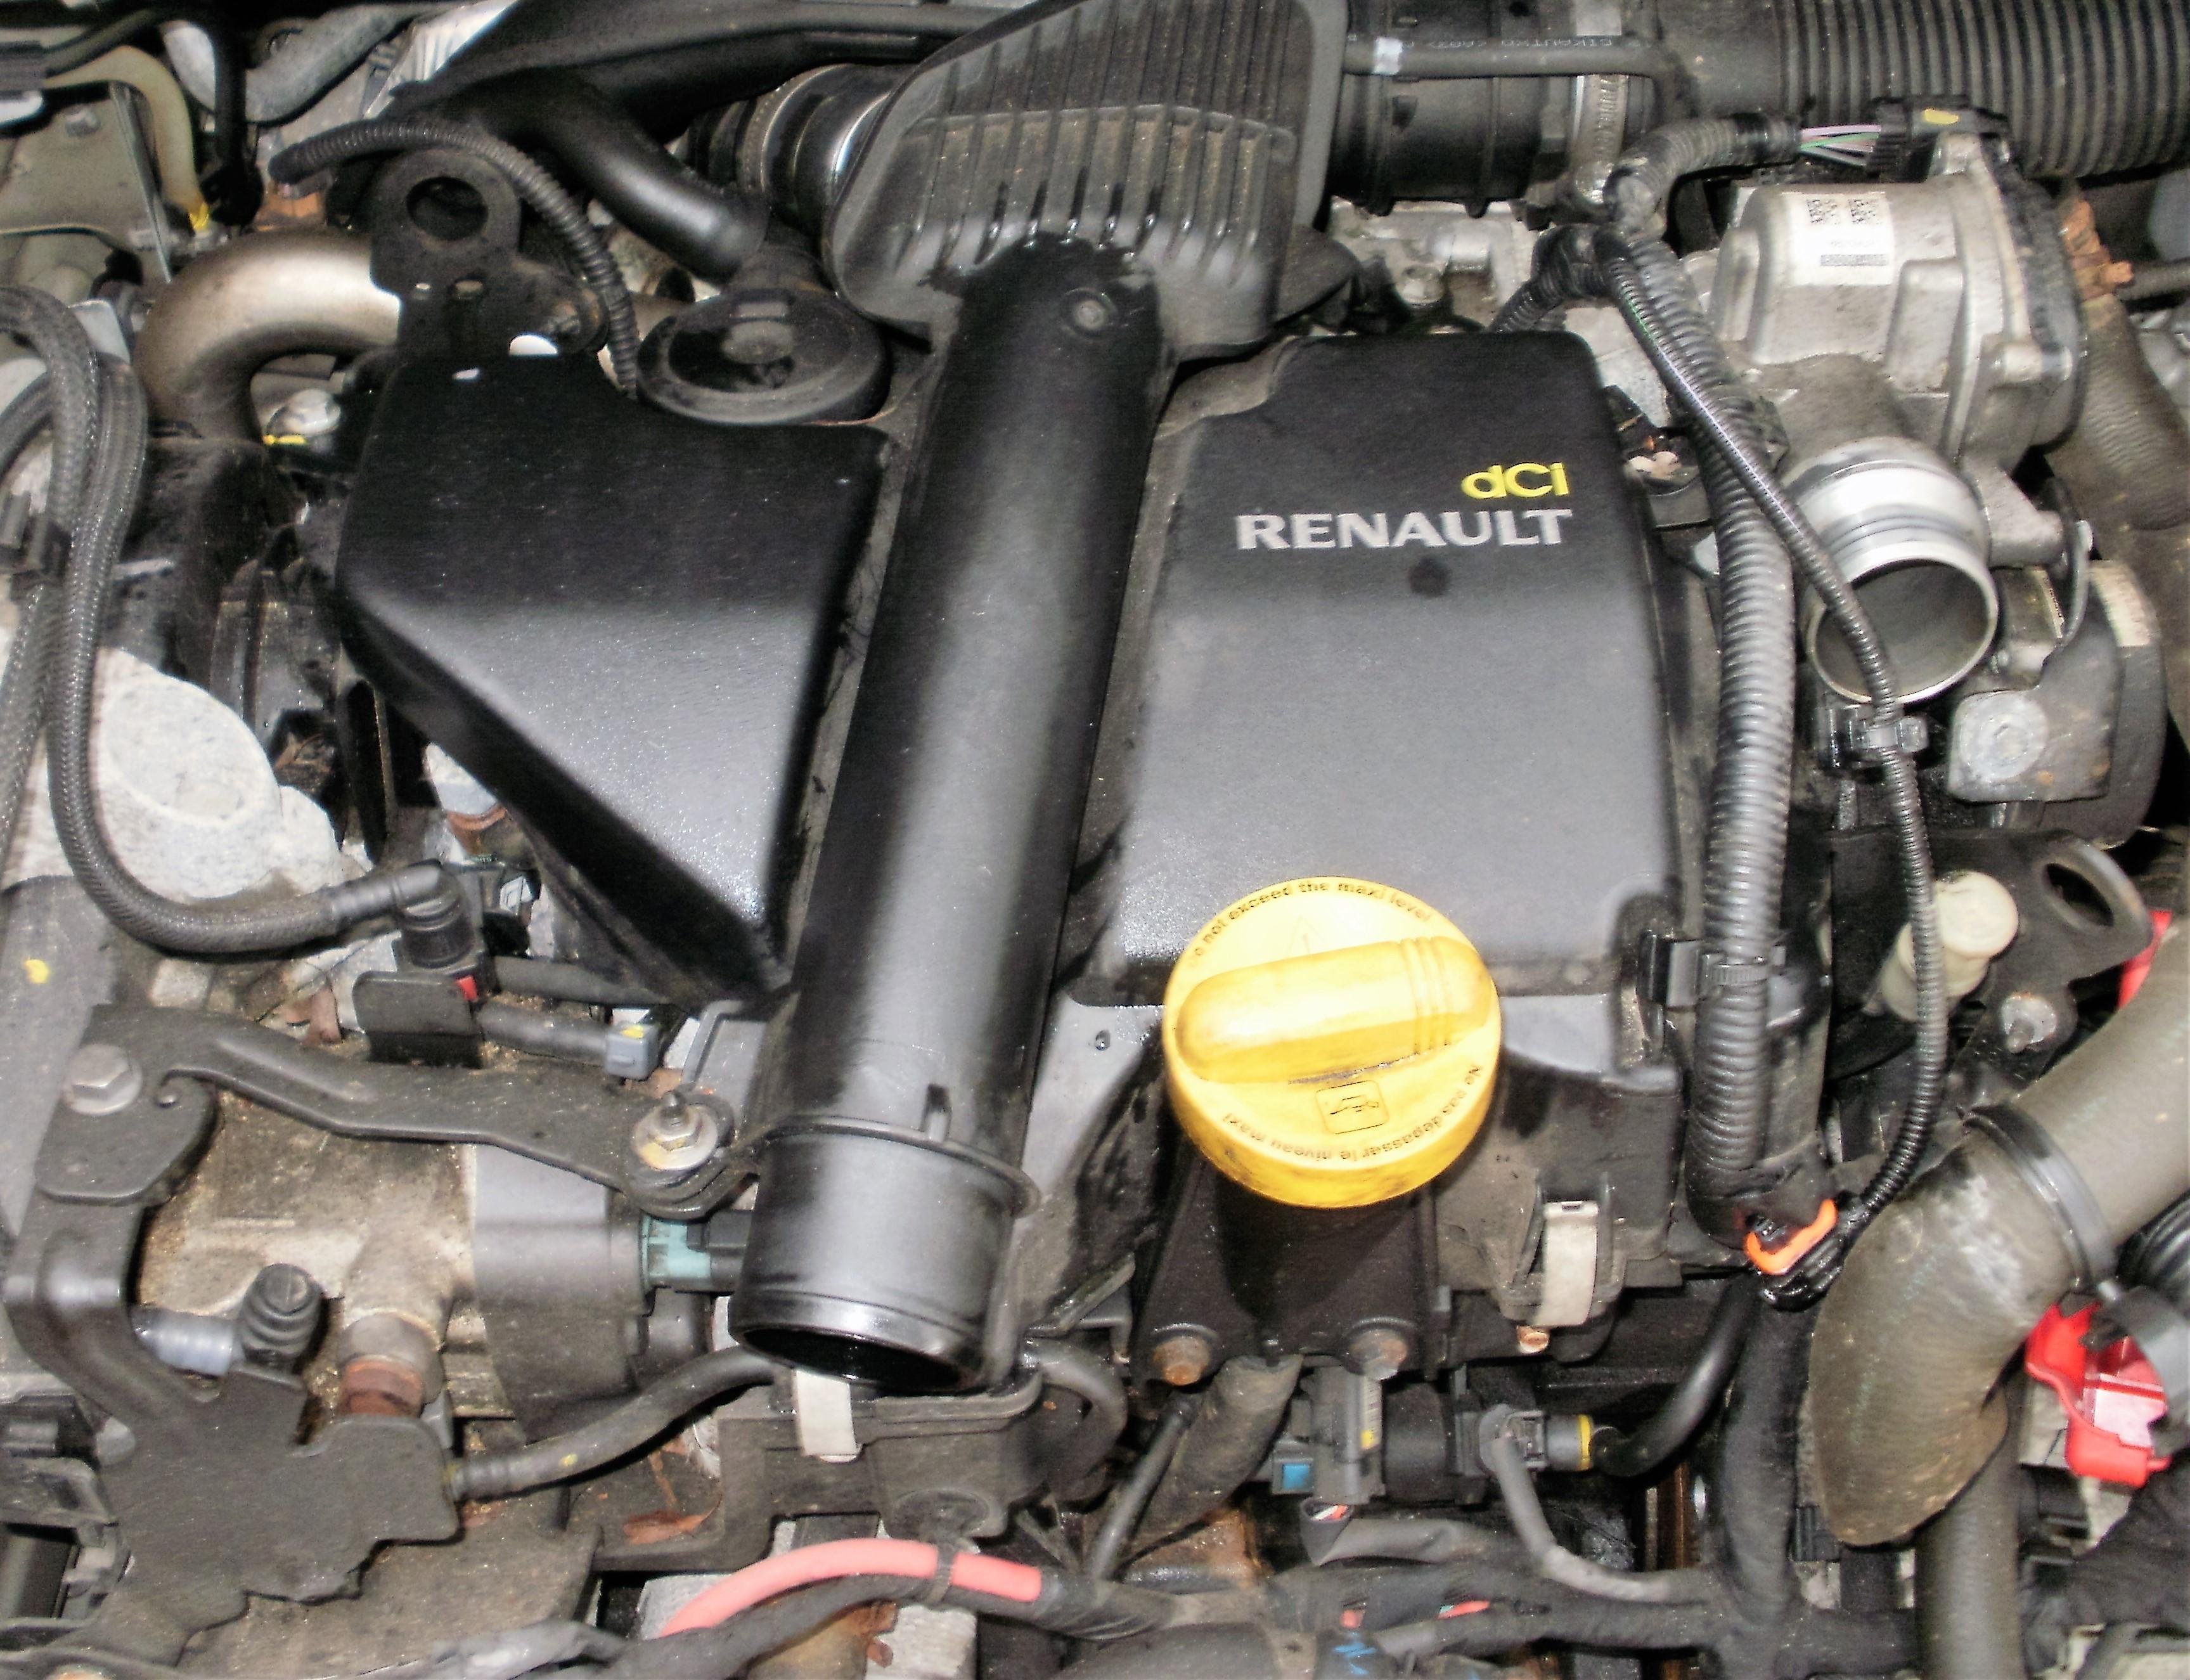 2012 renault kangoo ml19 1 5 dci engine k9k808 46 000 miles for sale melbourne autos. Black Bedroom Furniture Sets. Home Design Ideas